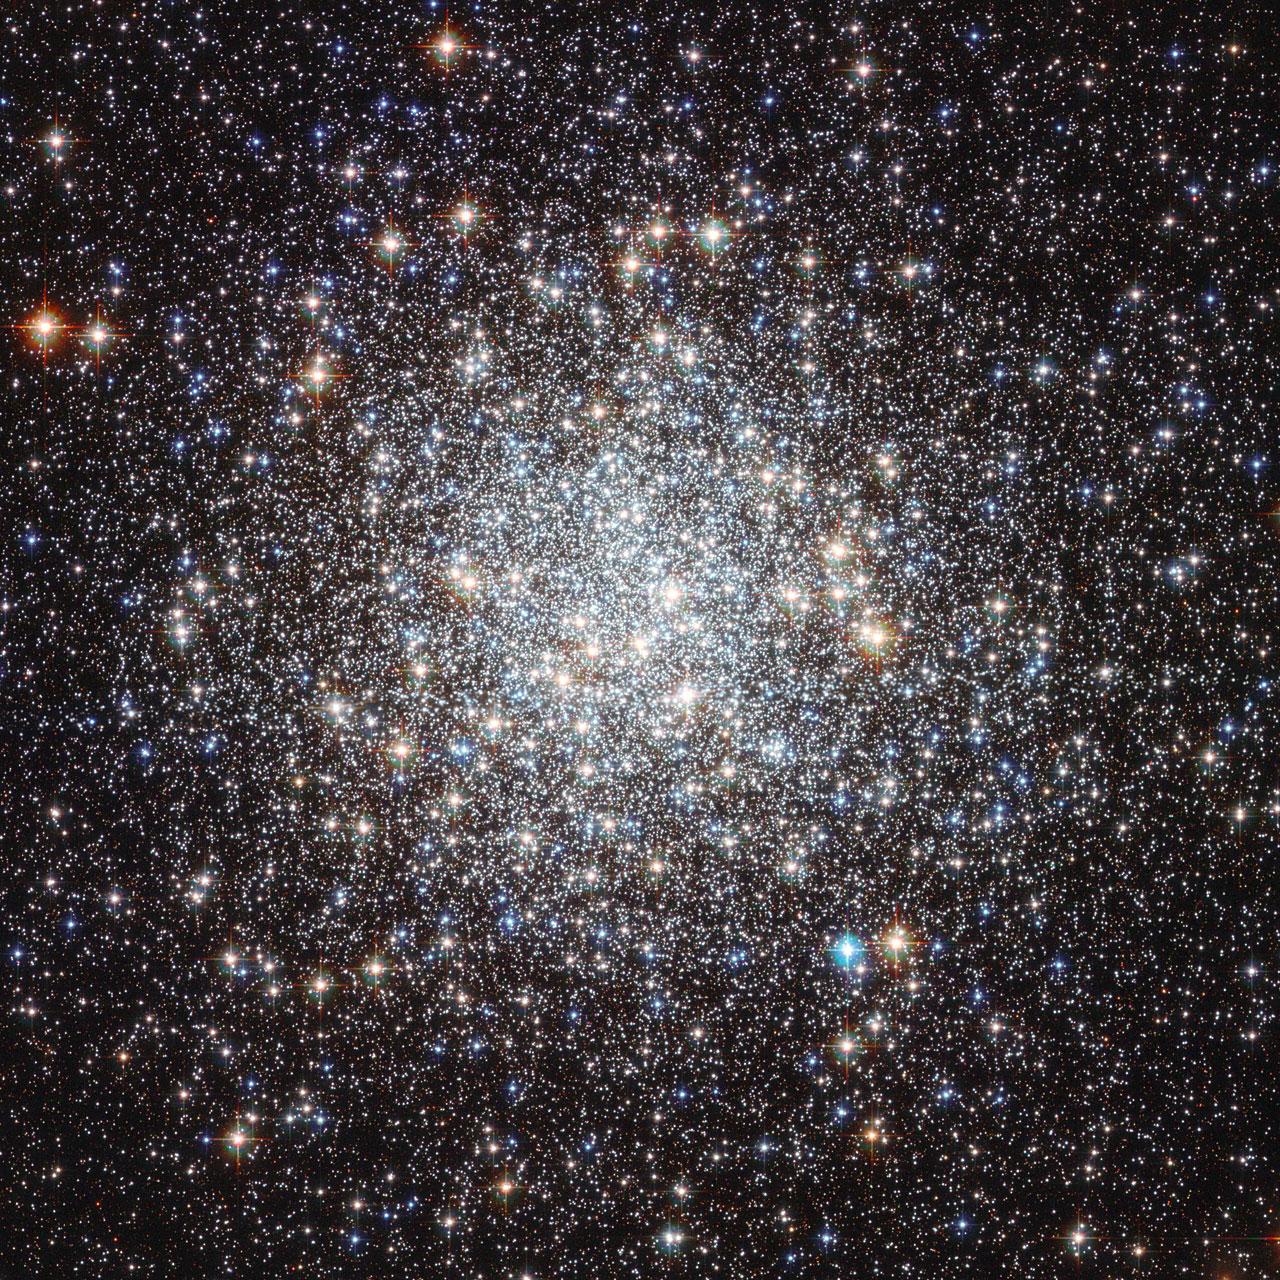 Globular Cluster Messier